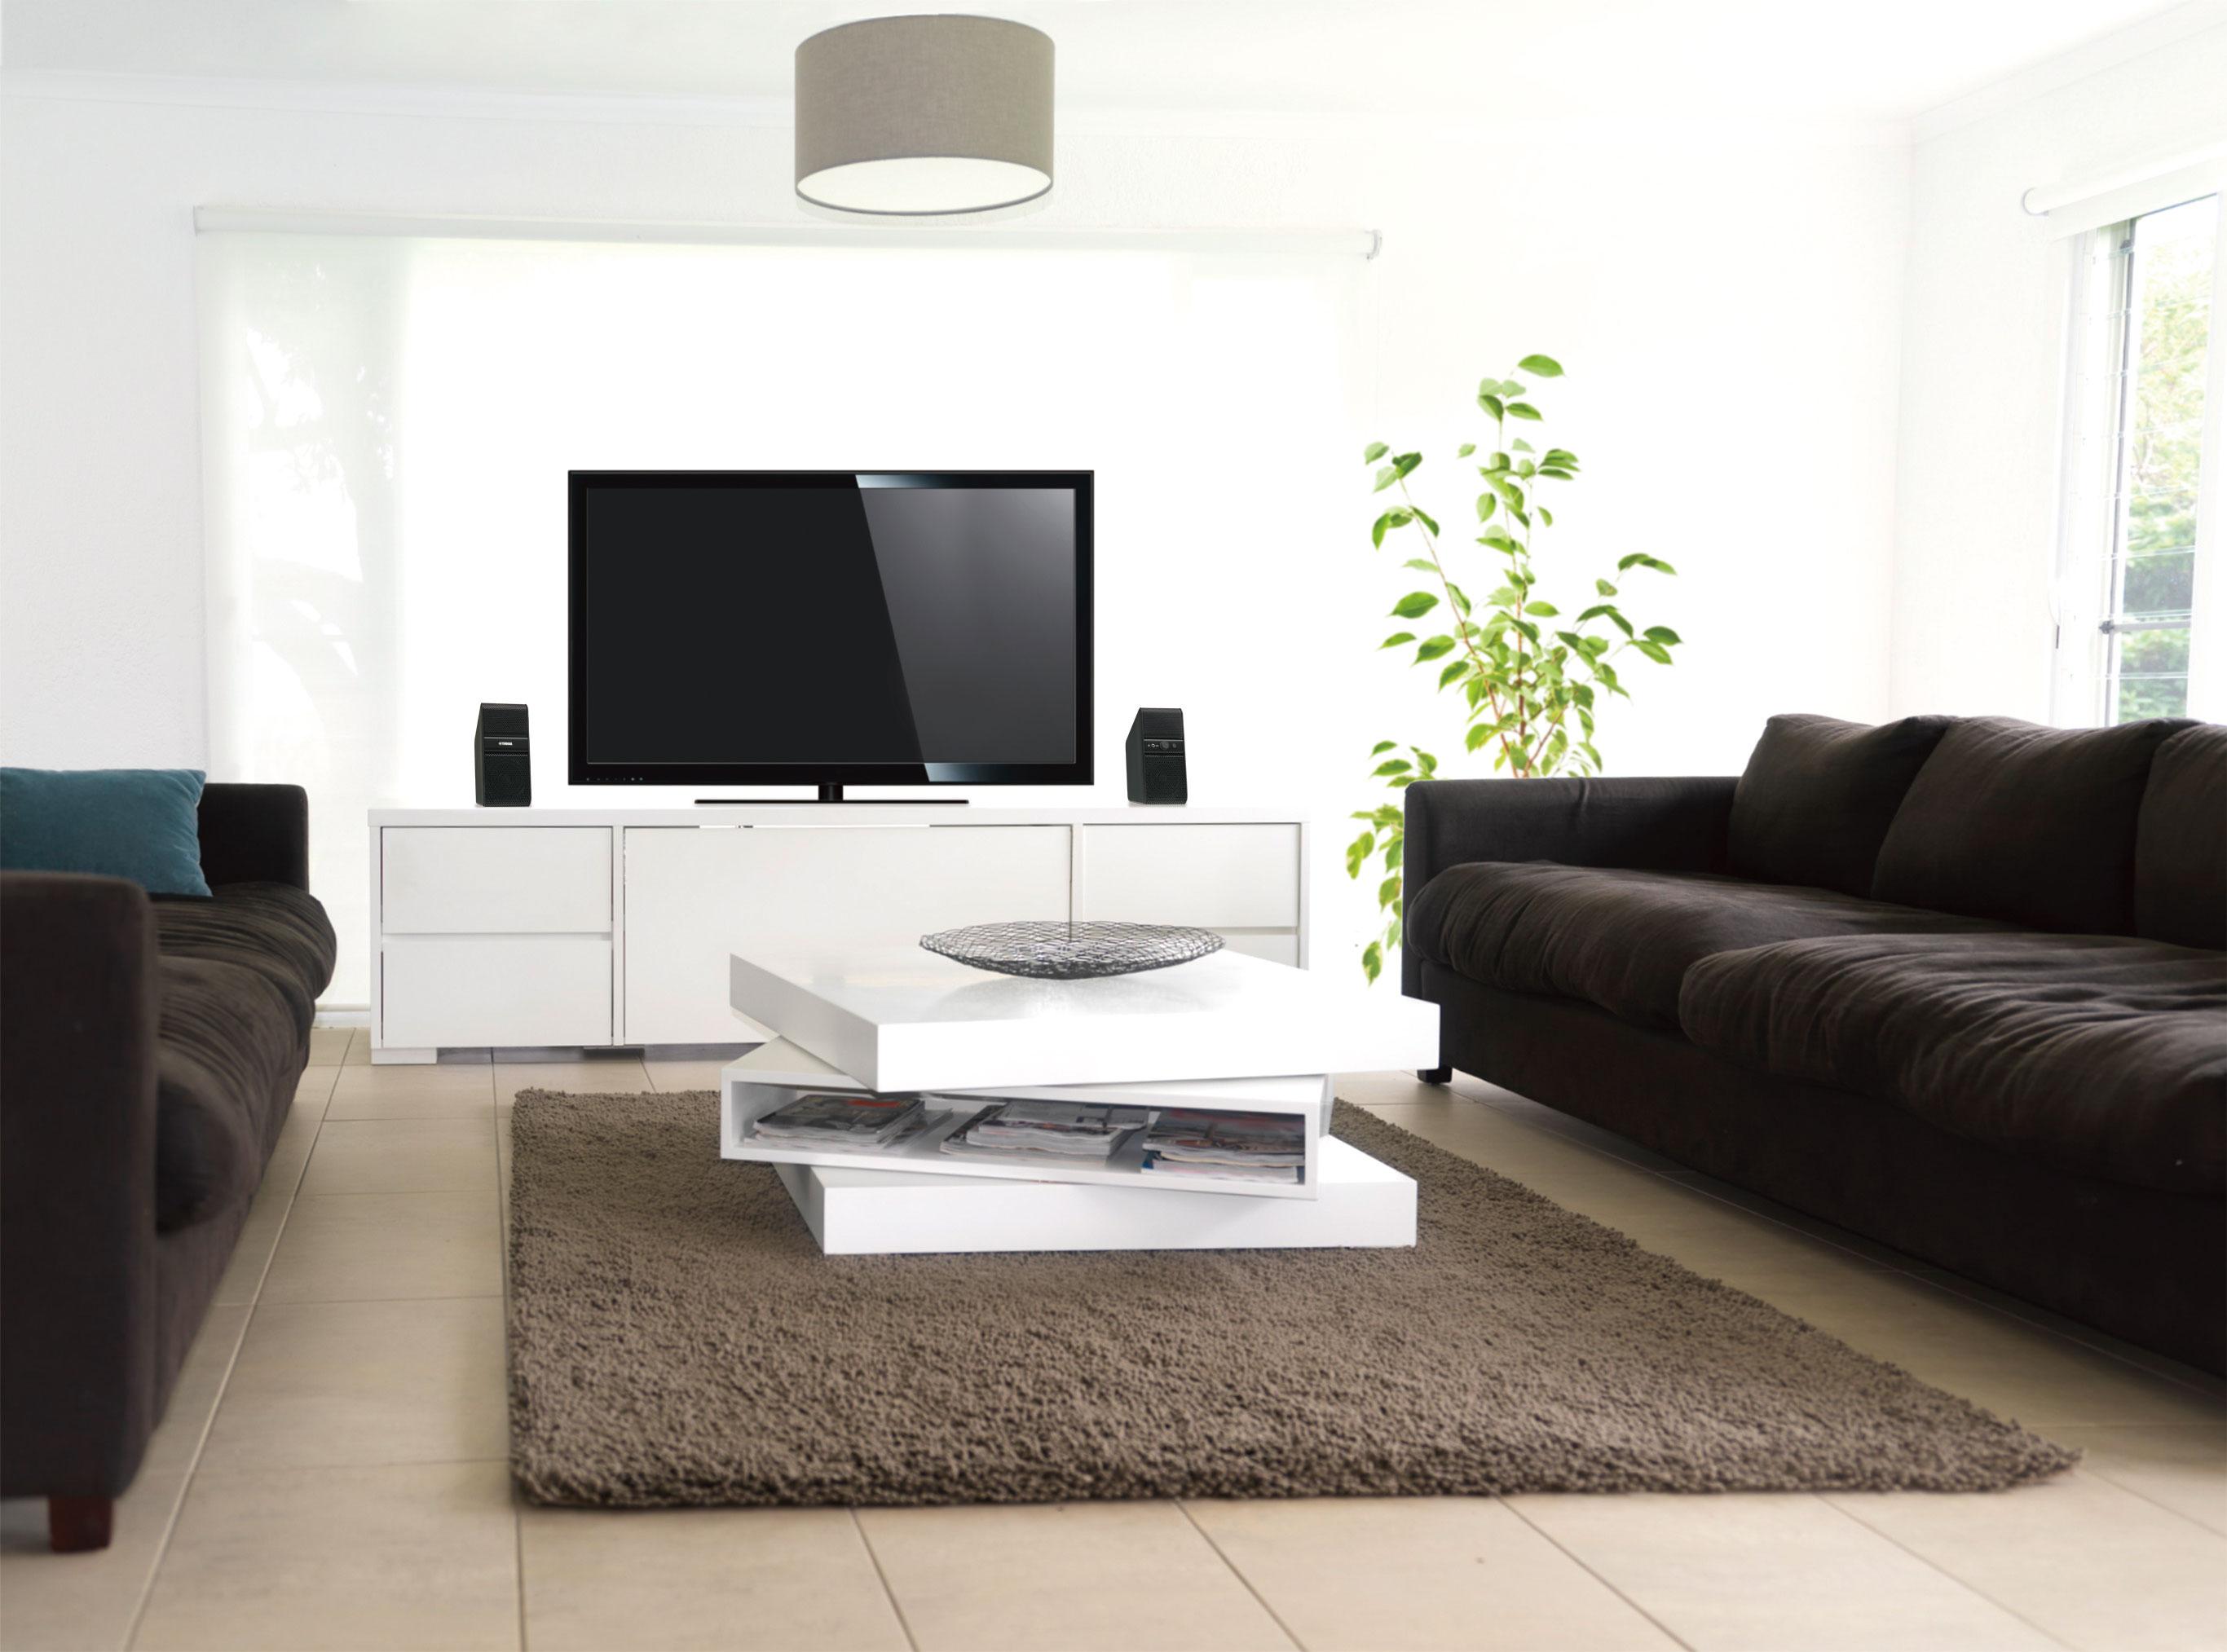 Einfach besserer Fernsehklang: Yamaha präsentiert den TV